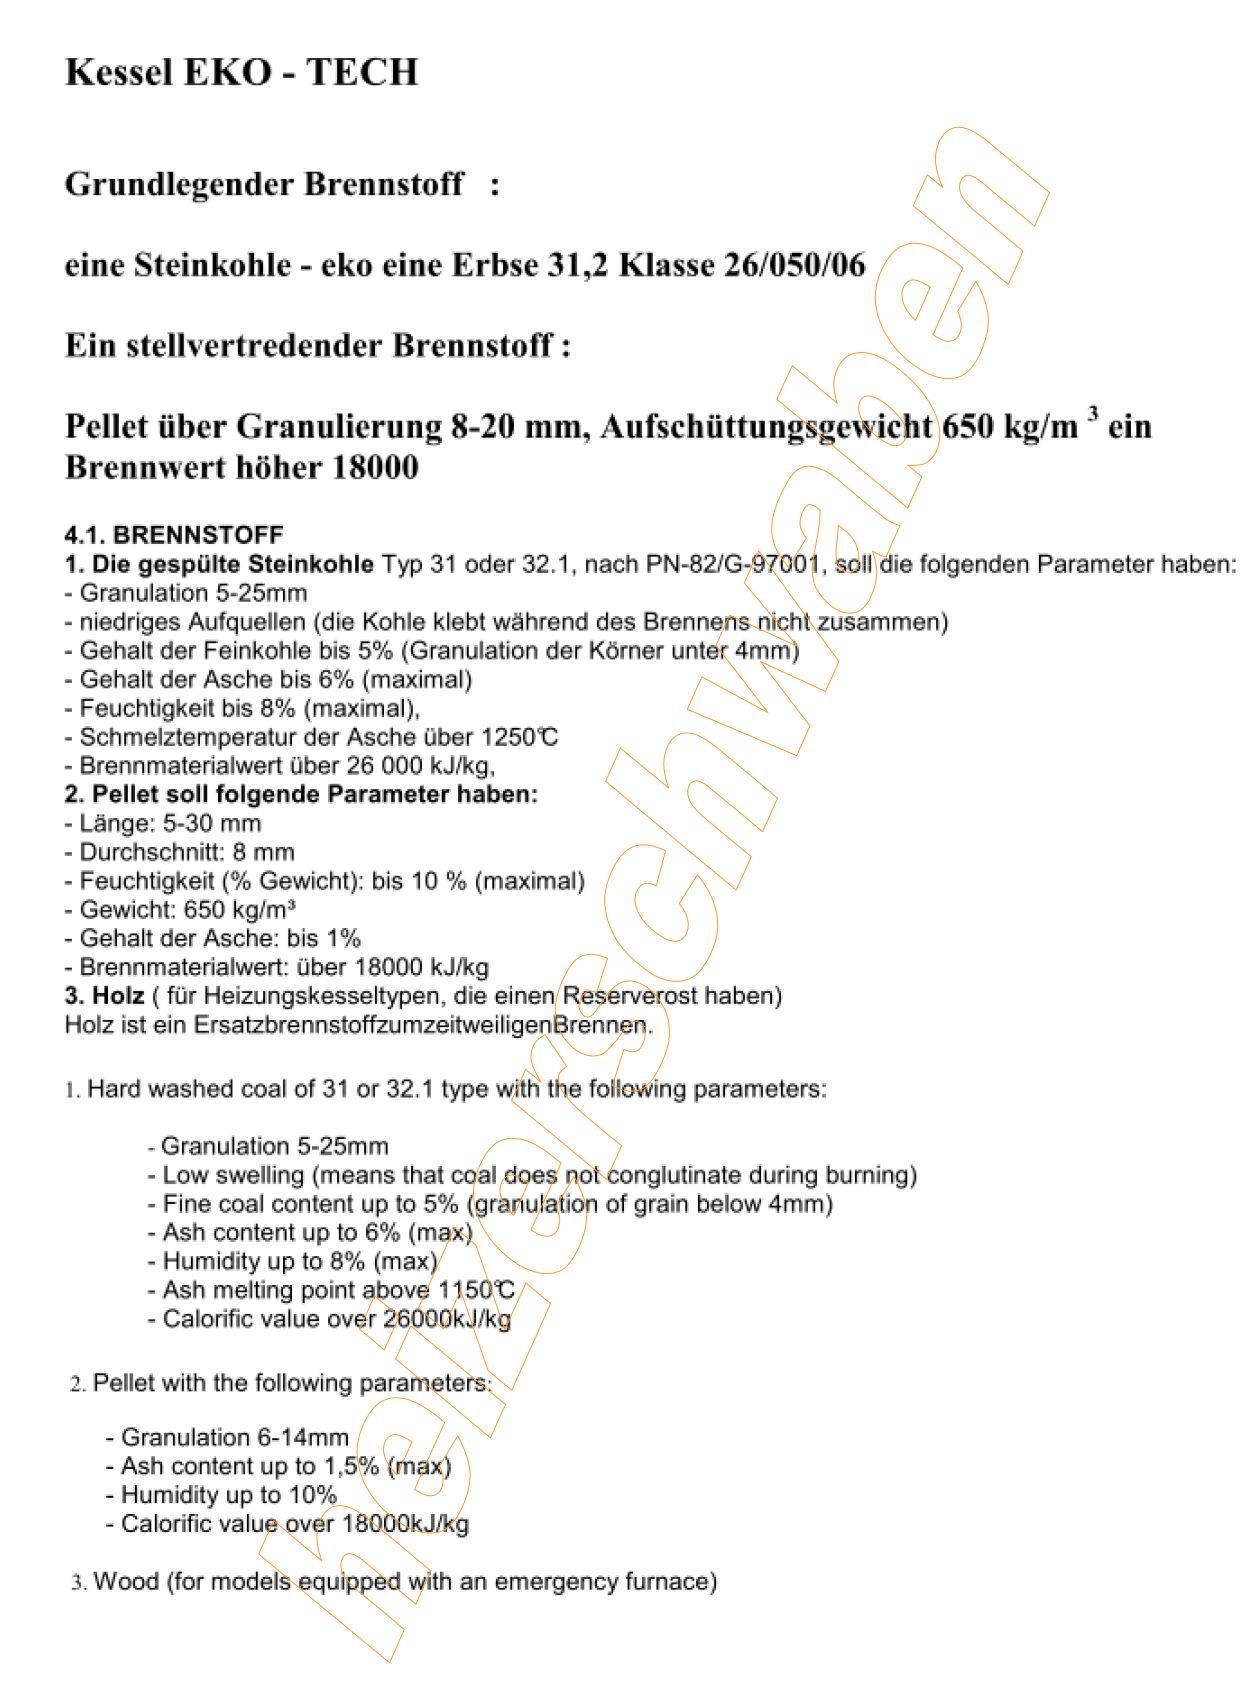 Erfreut Wie Installiere Ich Einen Kombikessel Ideen - Schaltplan ...